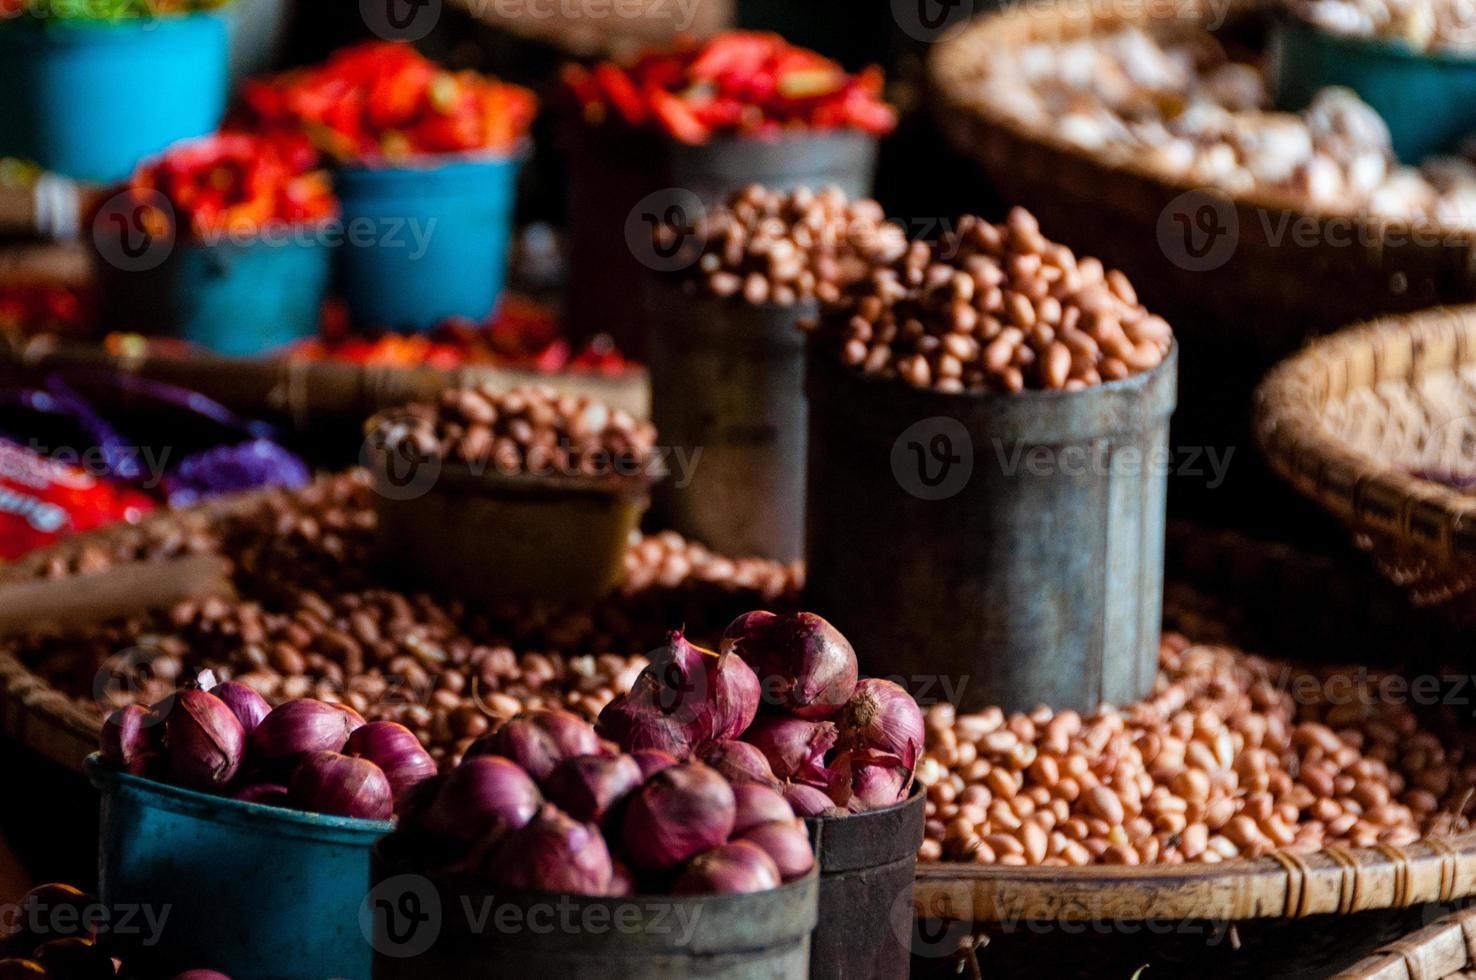 geschilde noten en uien in kleine emmers op de lokale markt foto